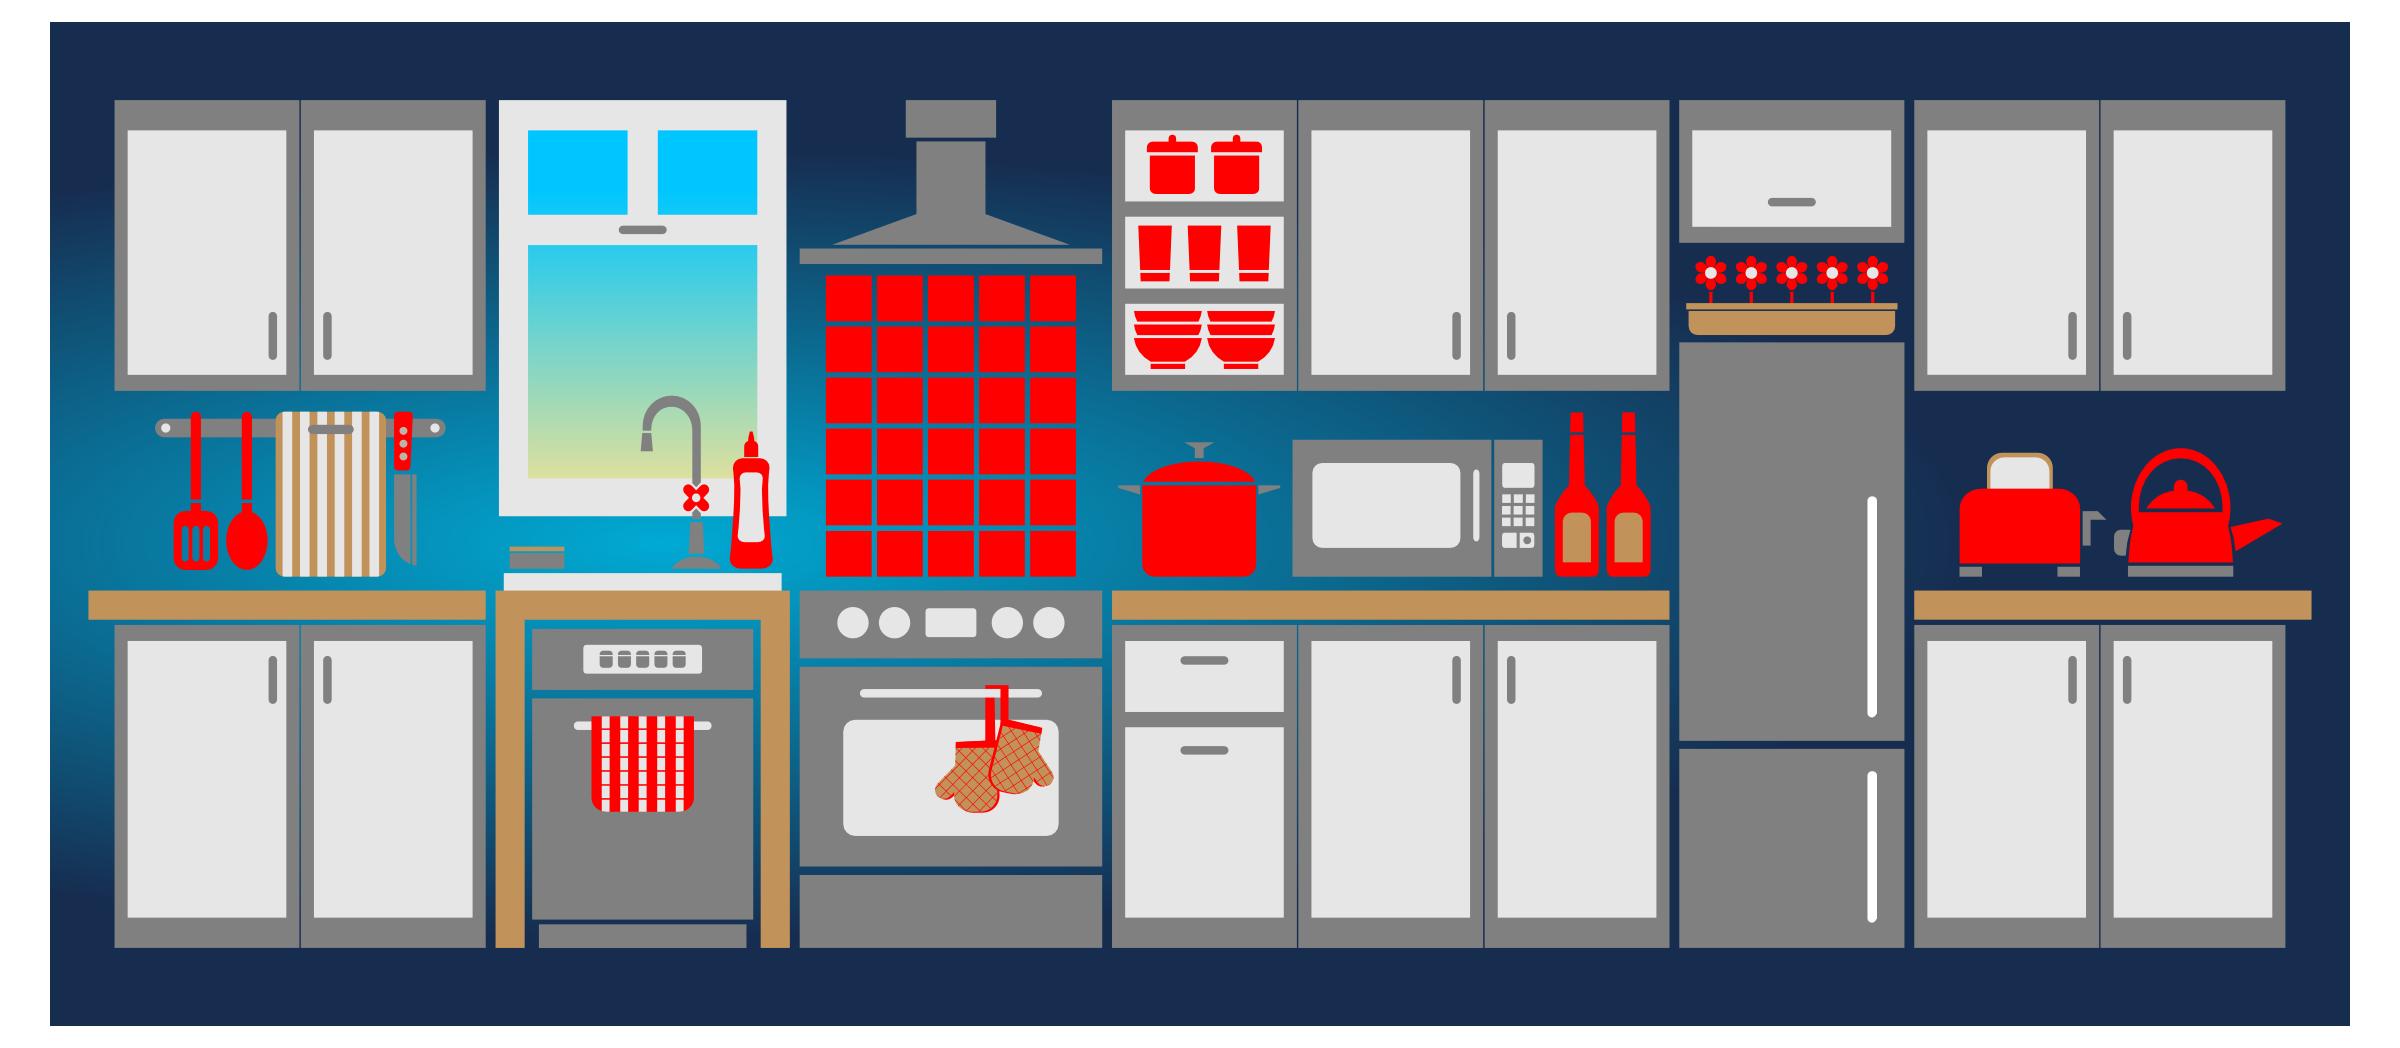 Kitchen clip art images free clipart 2 clipartix 3.